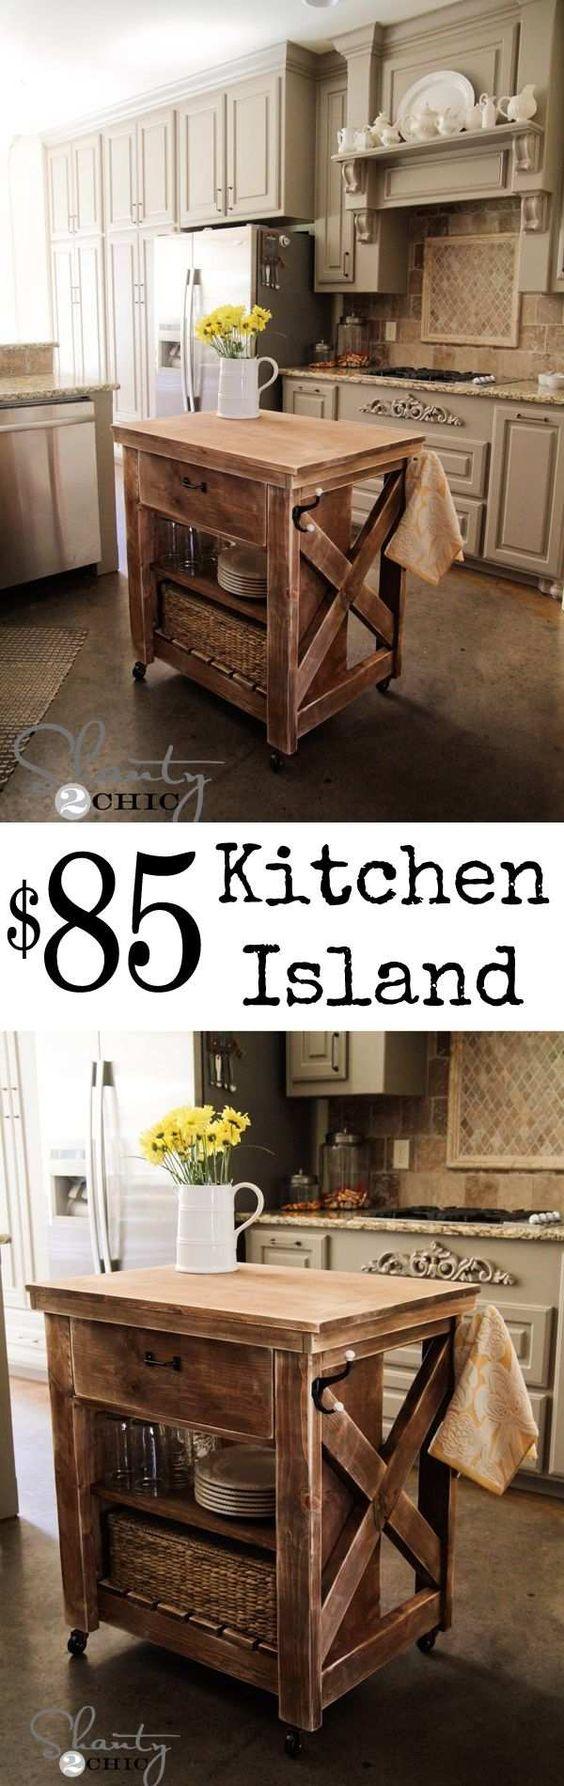 pinterest the world s catalog of ideas on kitchen island ideas diy id=79924